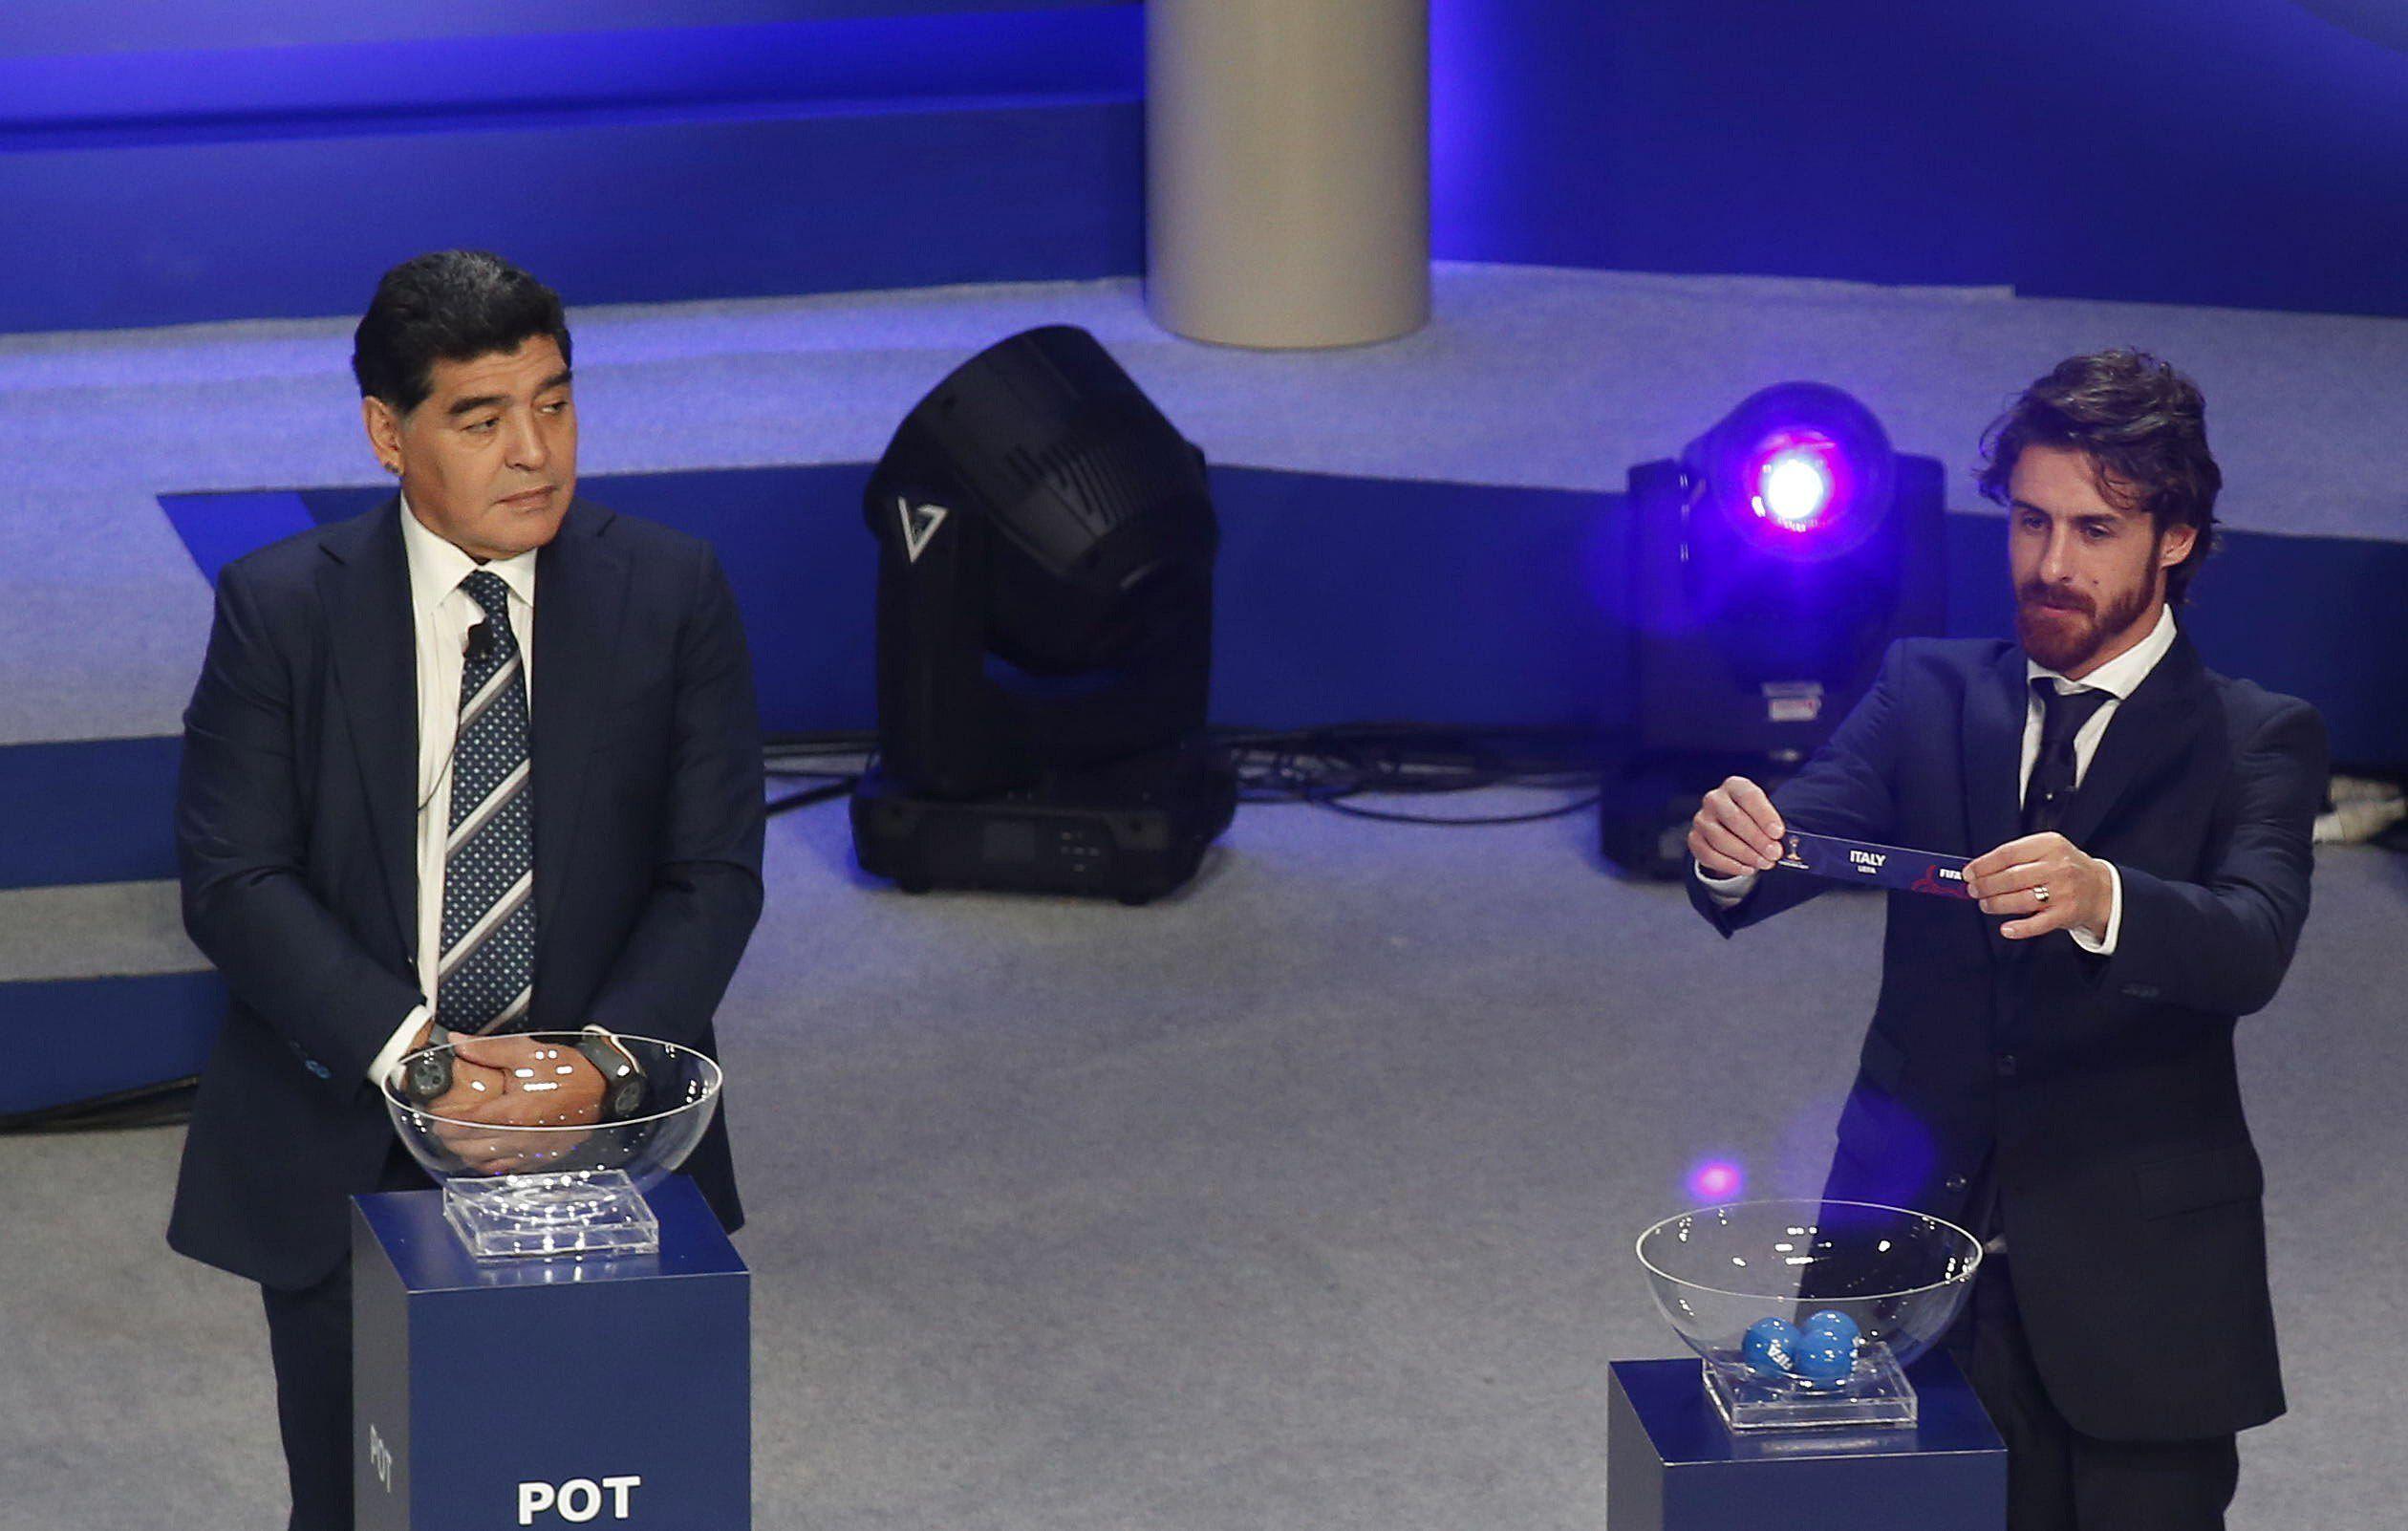 Pablo Aimar junto a Diego Armando Maradona (i) durante la ceremonia del sorteo de la copa del Mundial Sub'20 de Corea 2017 (Foto: EFE)